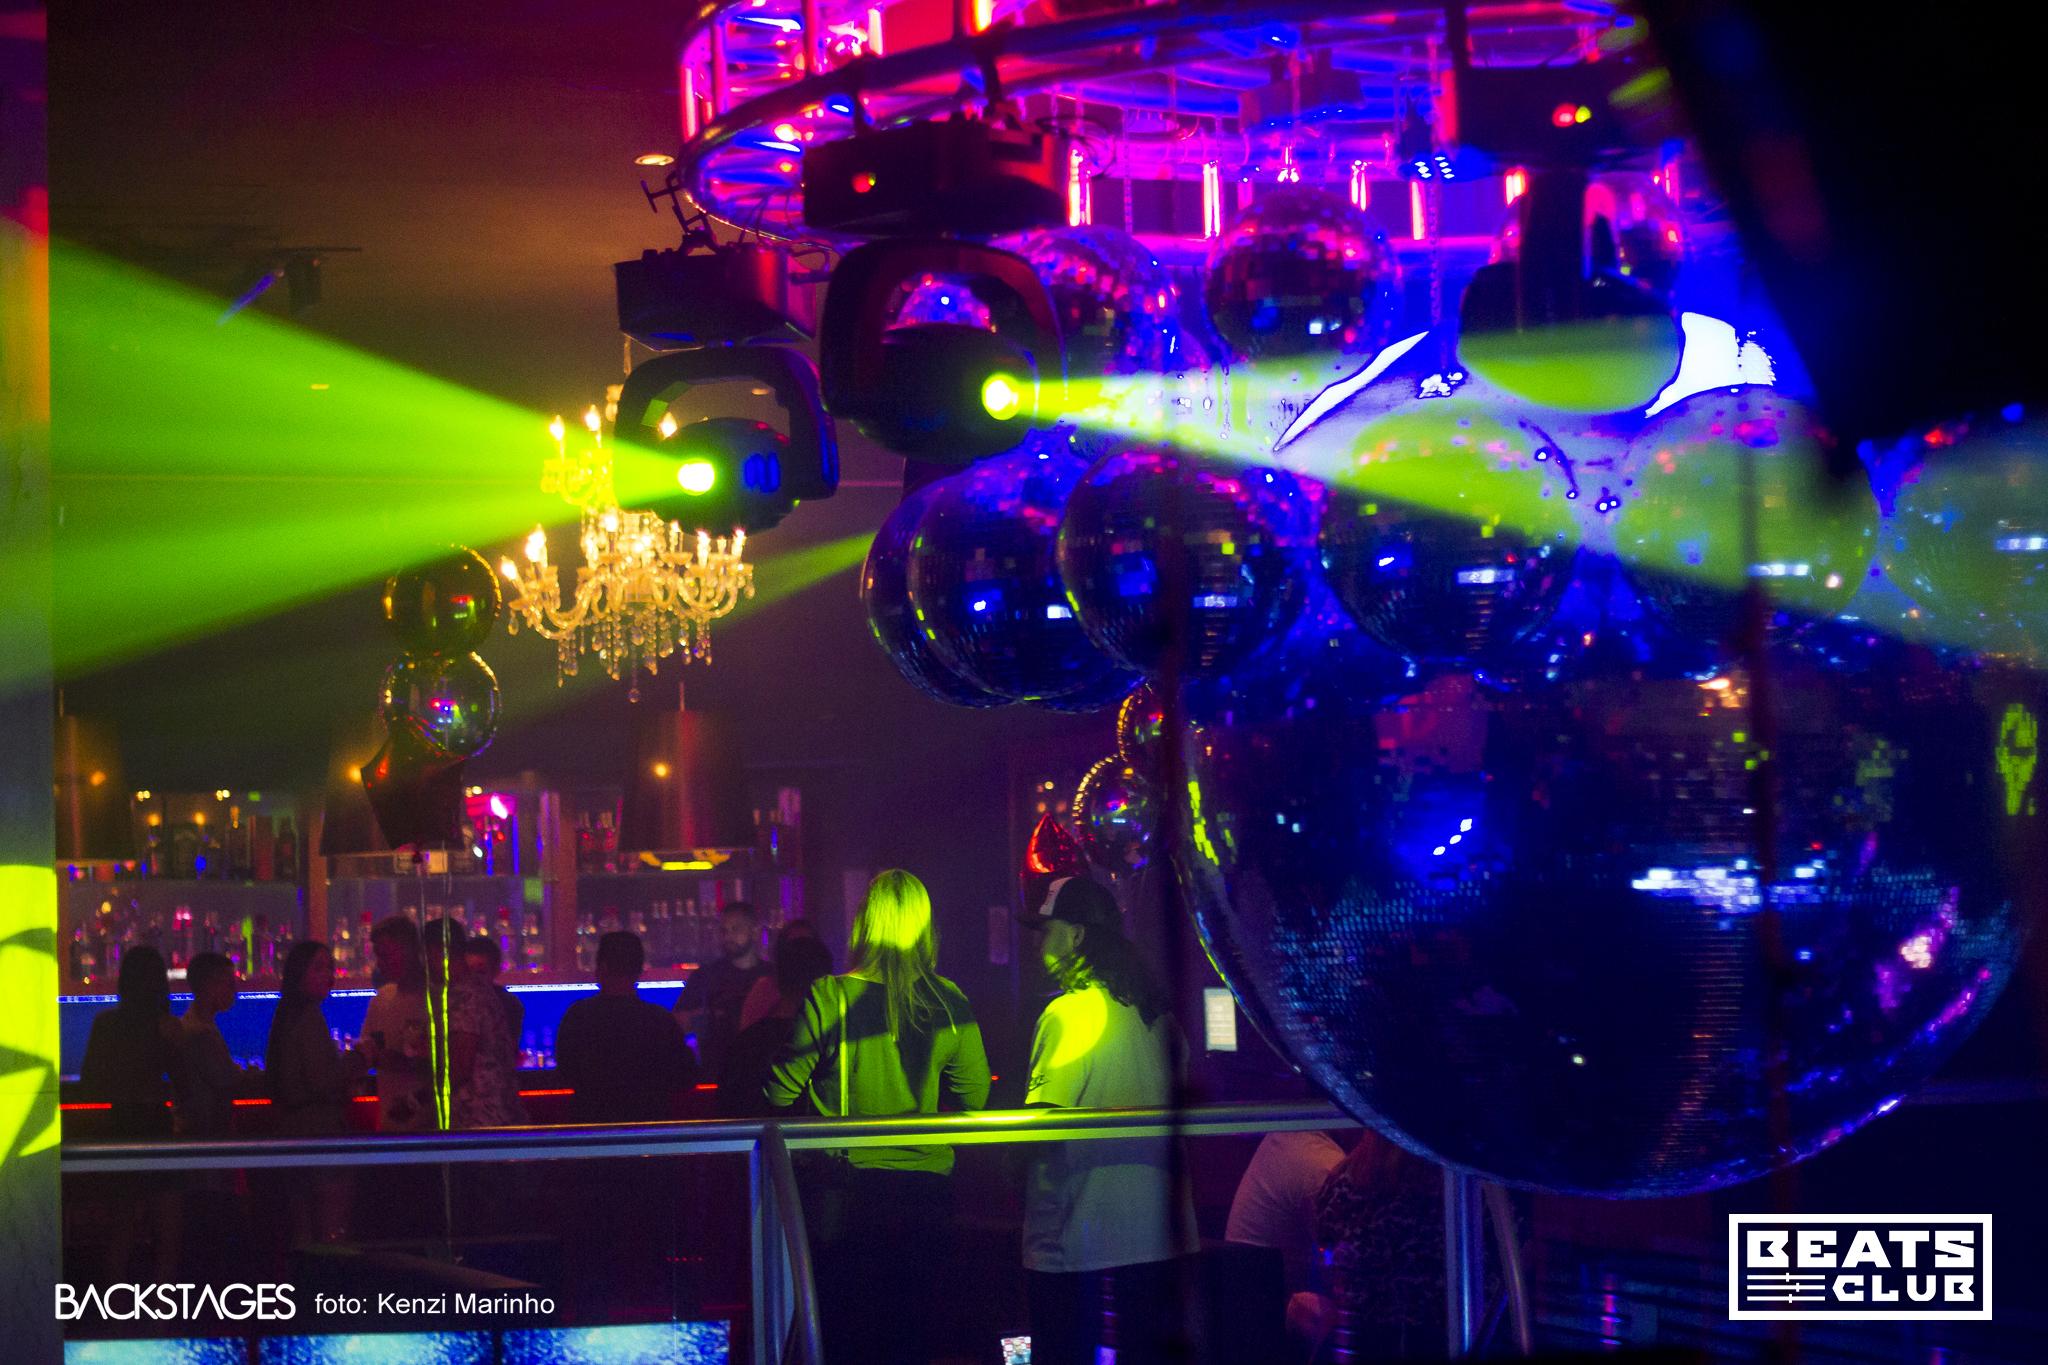 Beats Club - Inauguração 06.05.2017 - Kenzi Marinho (31)